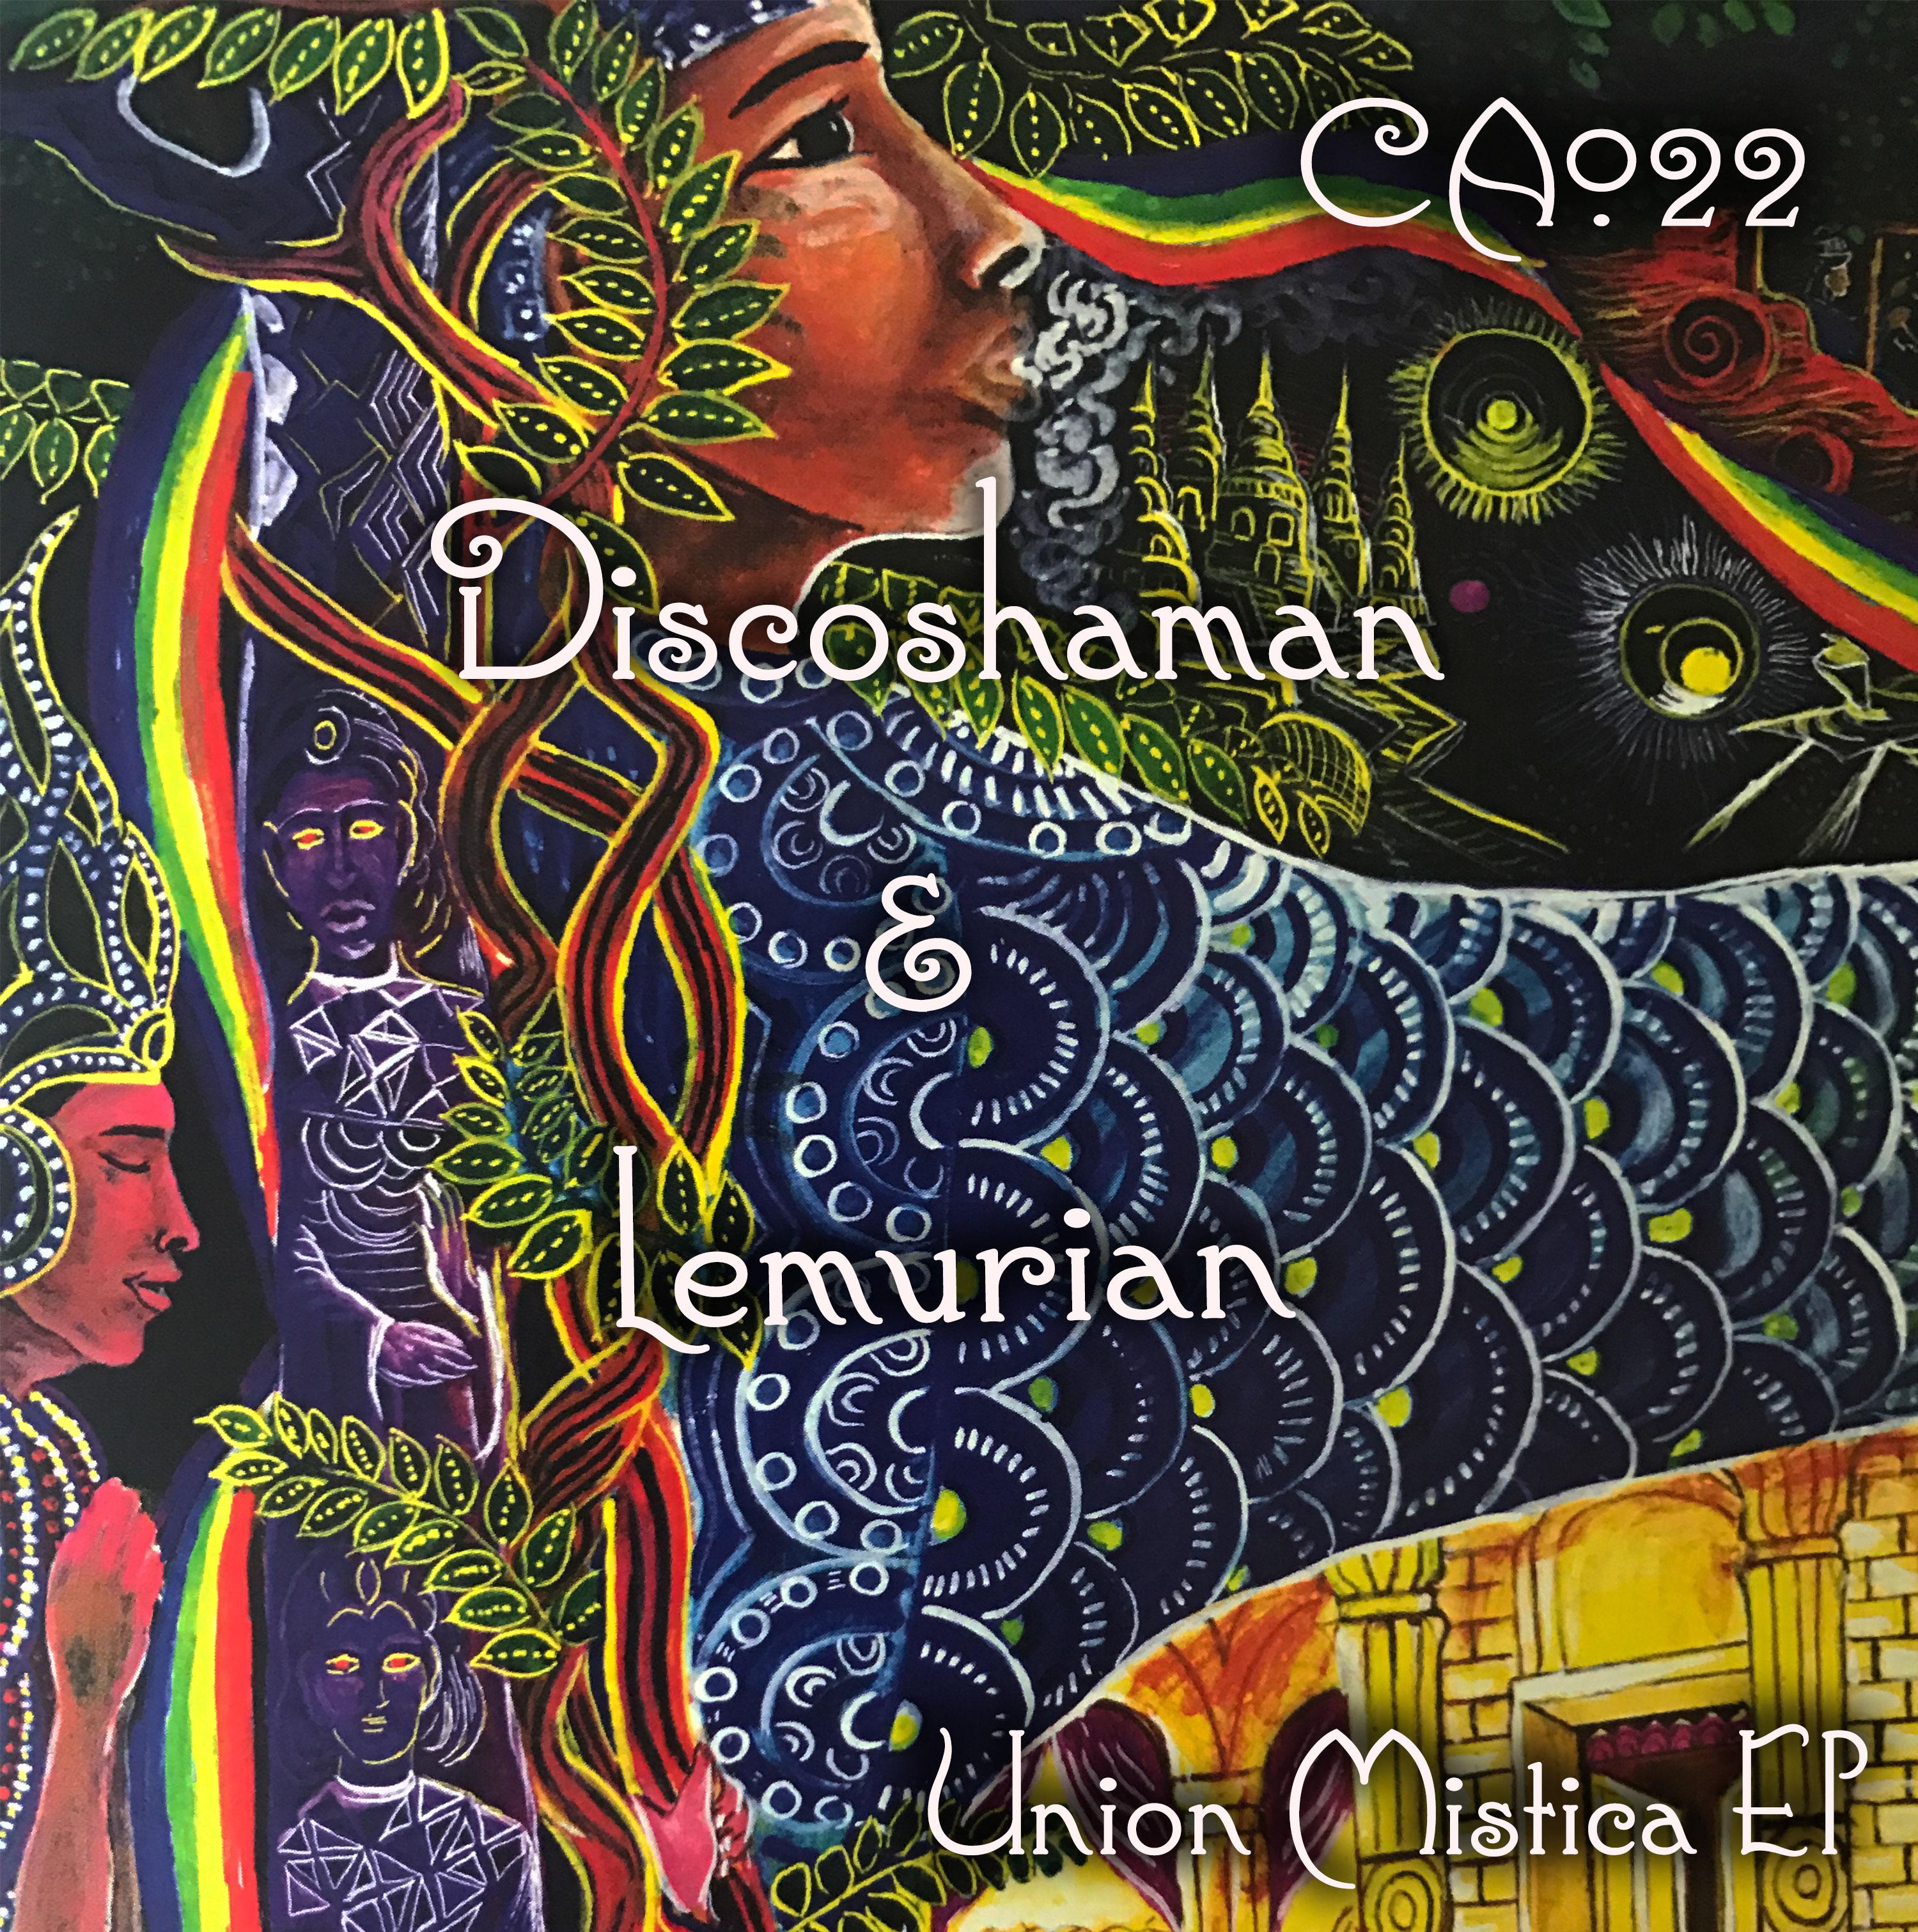 discoshamanlemurian-ca022.jpg